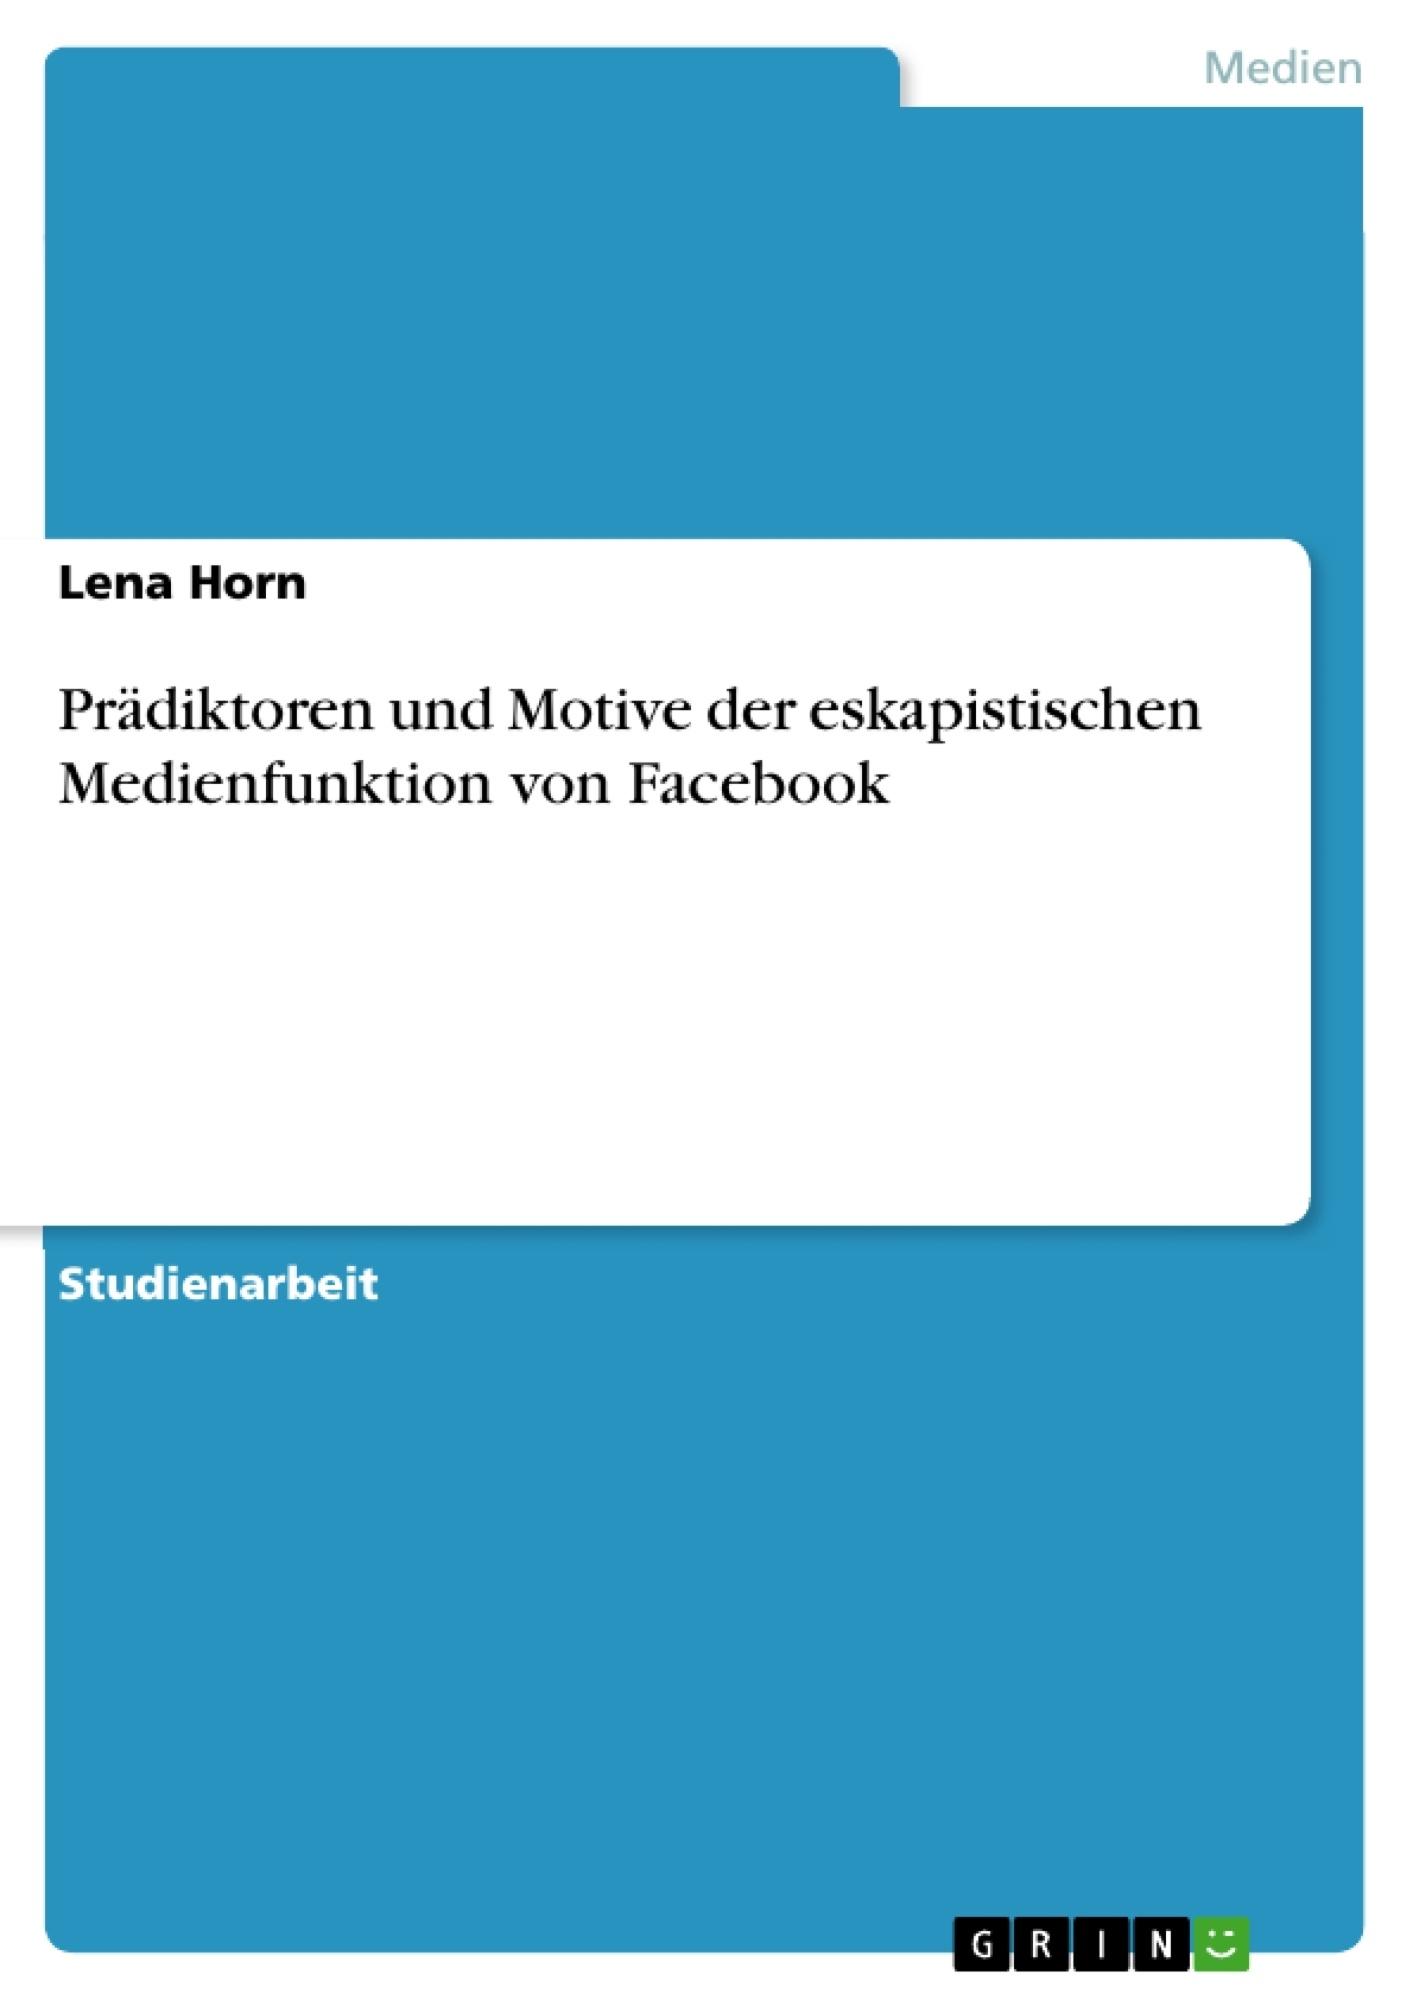 Titel: Prädiktoren und Motive der eskapistischen Medienfunktion von Facebook